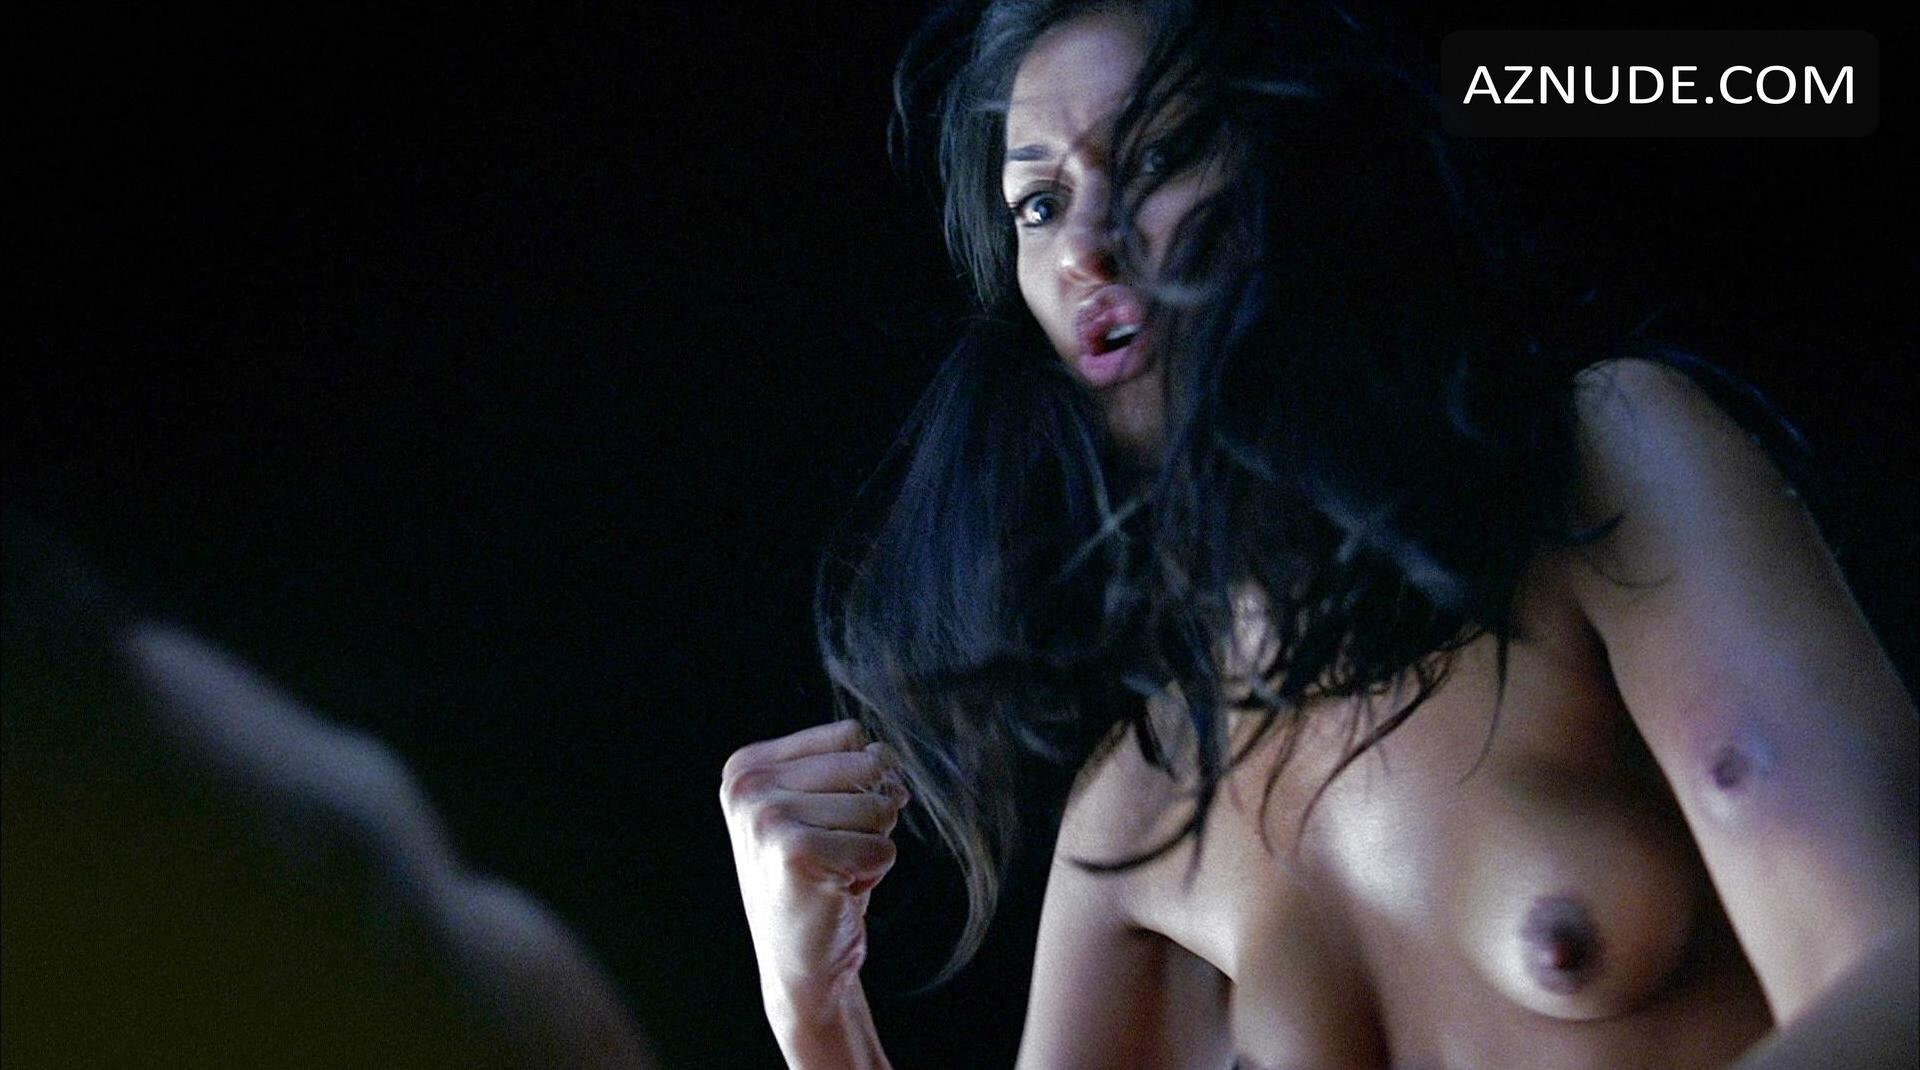 Sexiusa Video